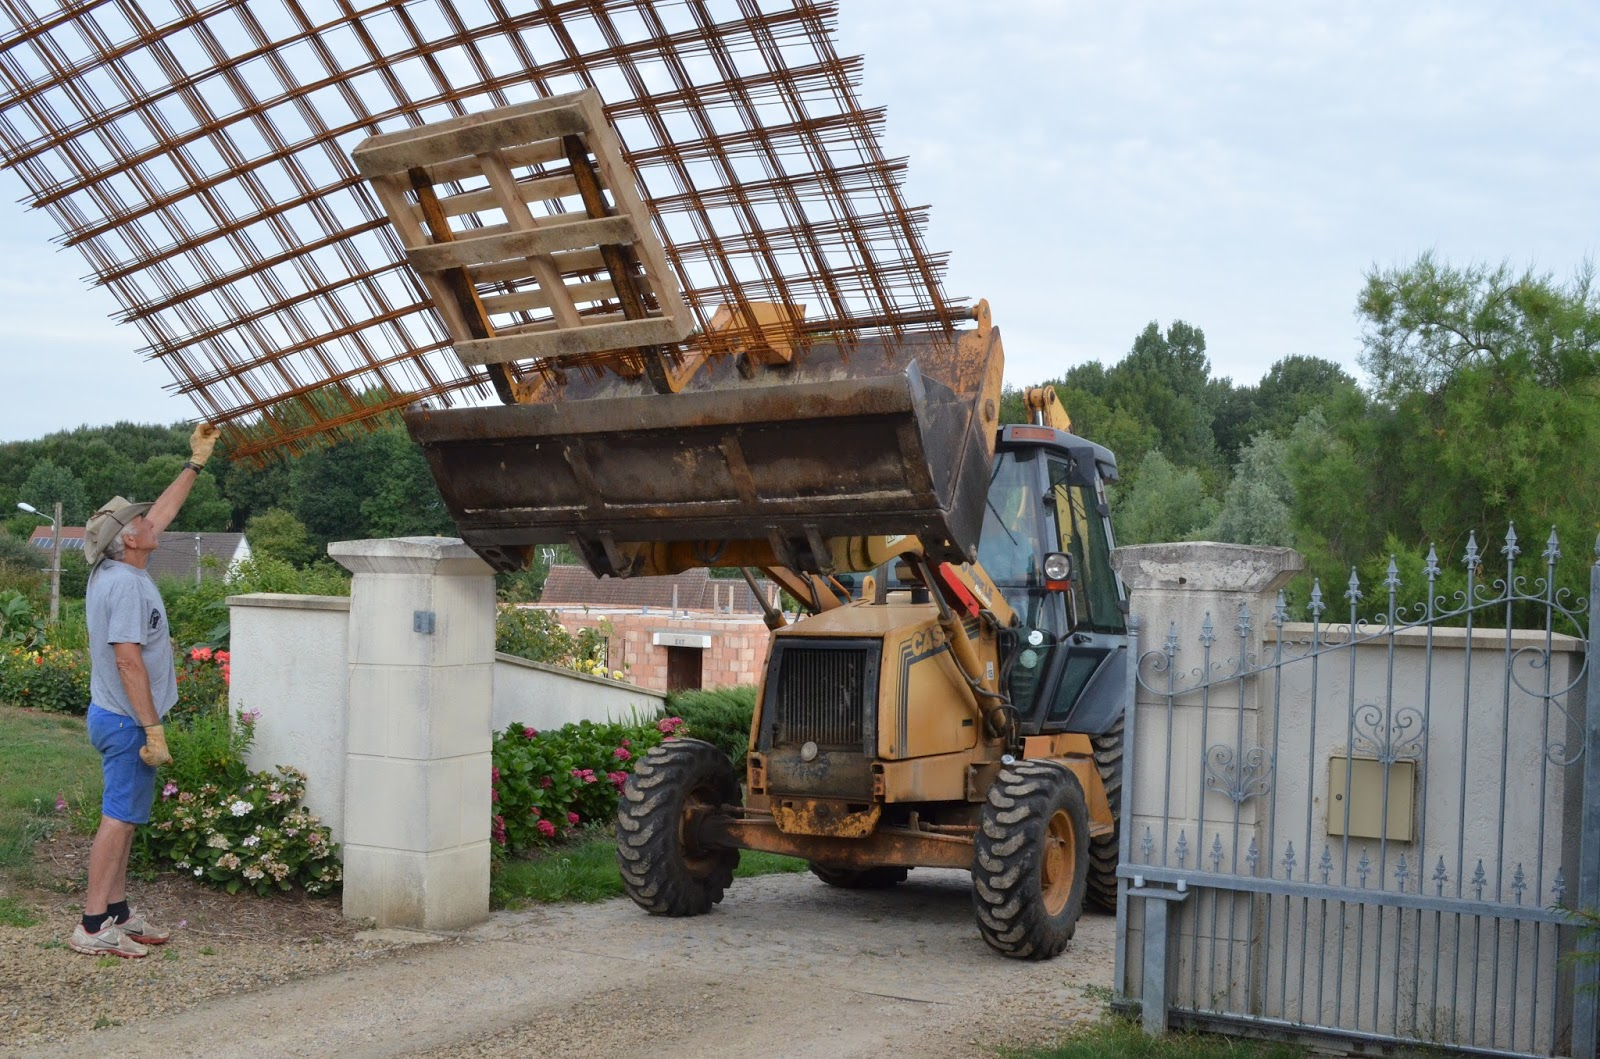 Projet construction de maison semaine 33 plancher du - Couler une terrasse contre une maison ...